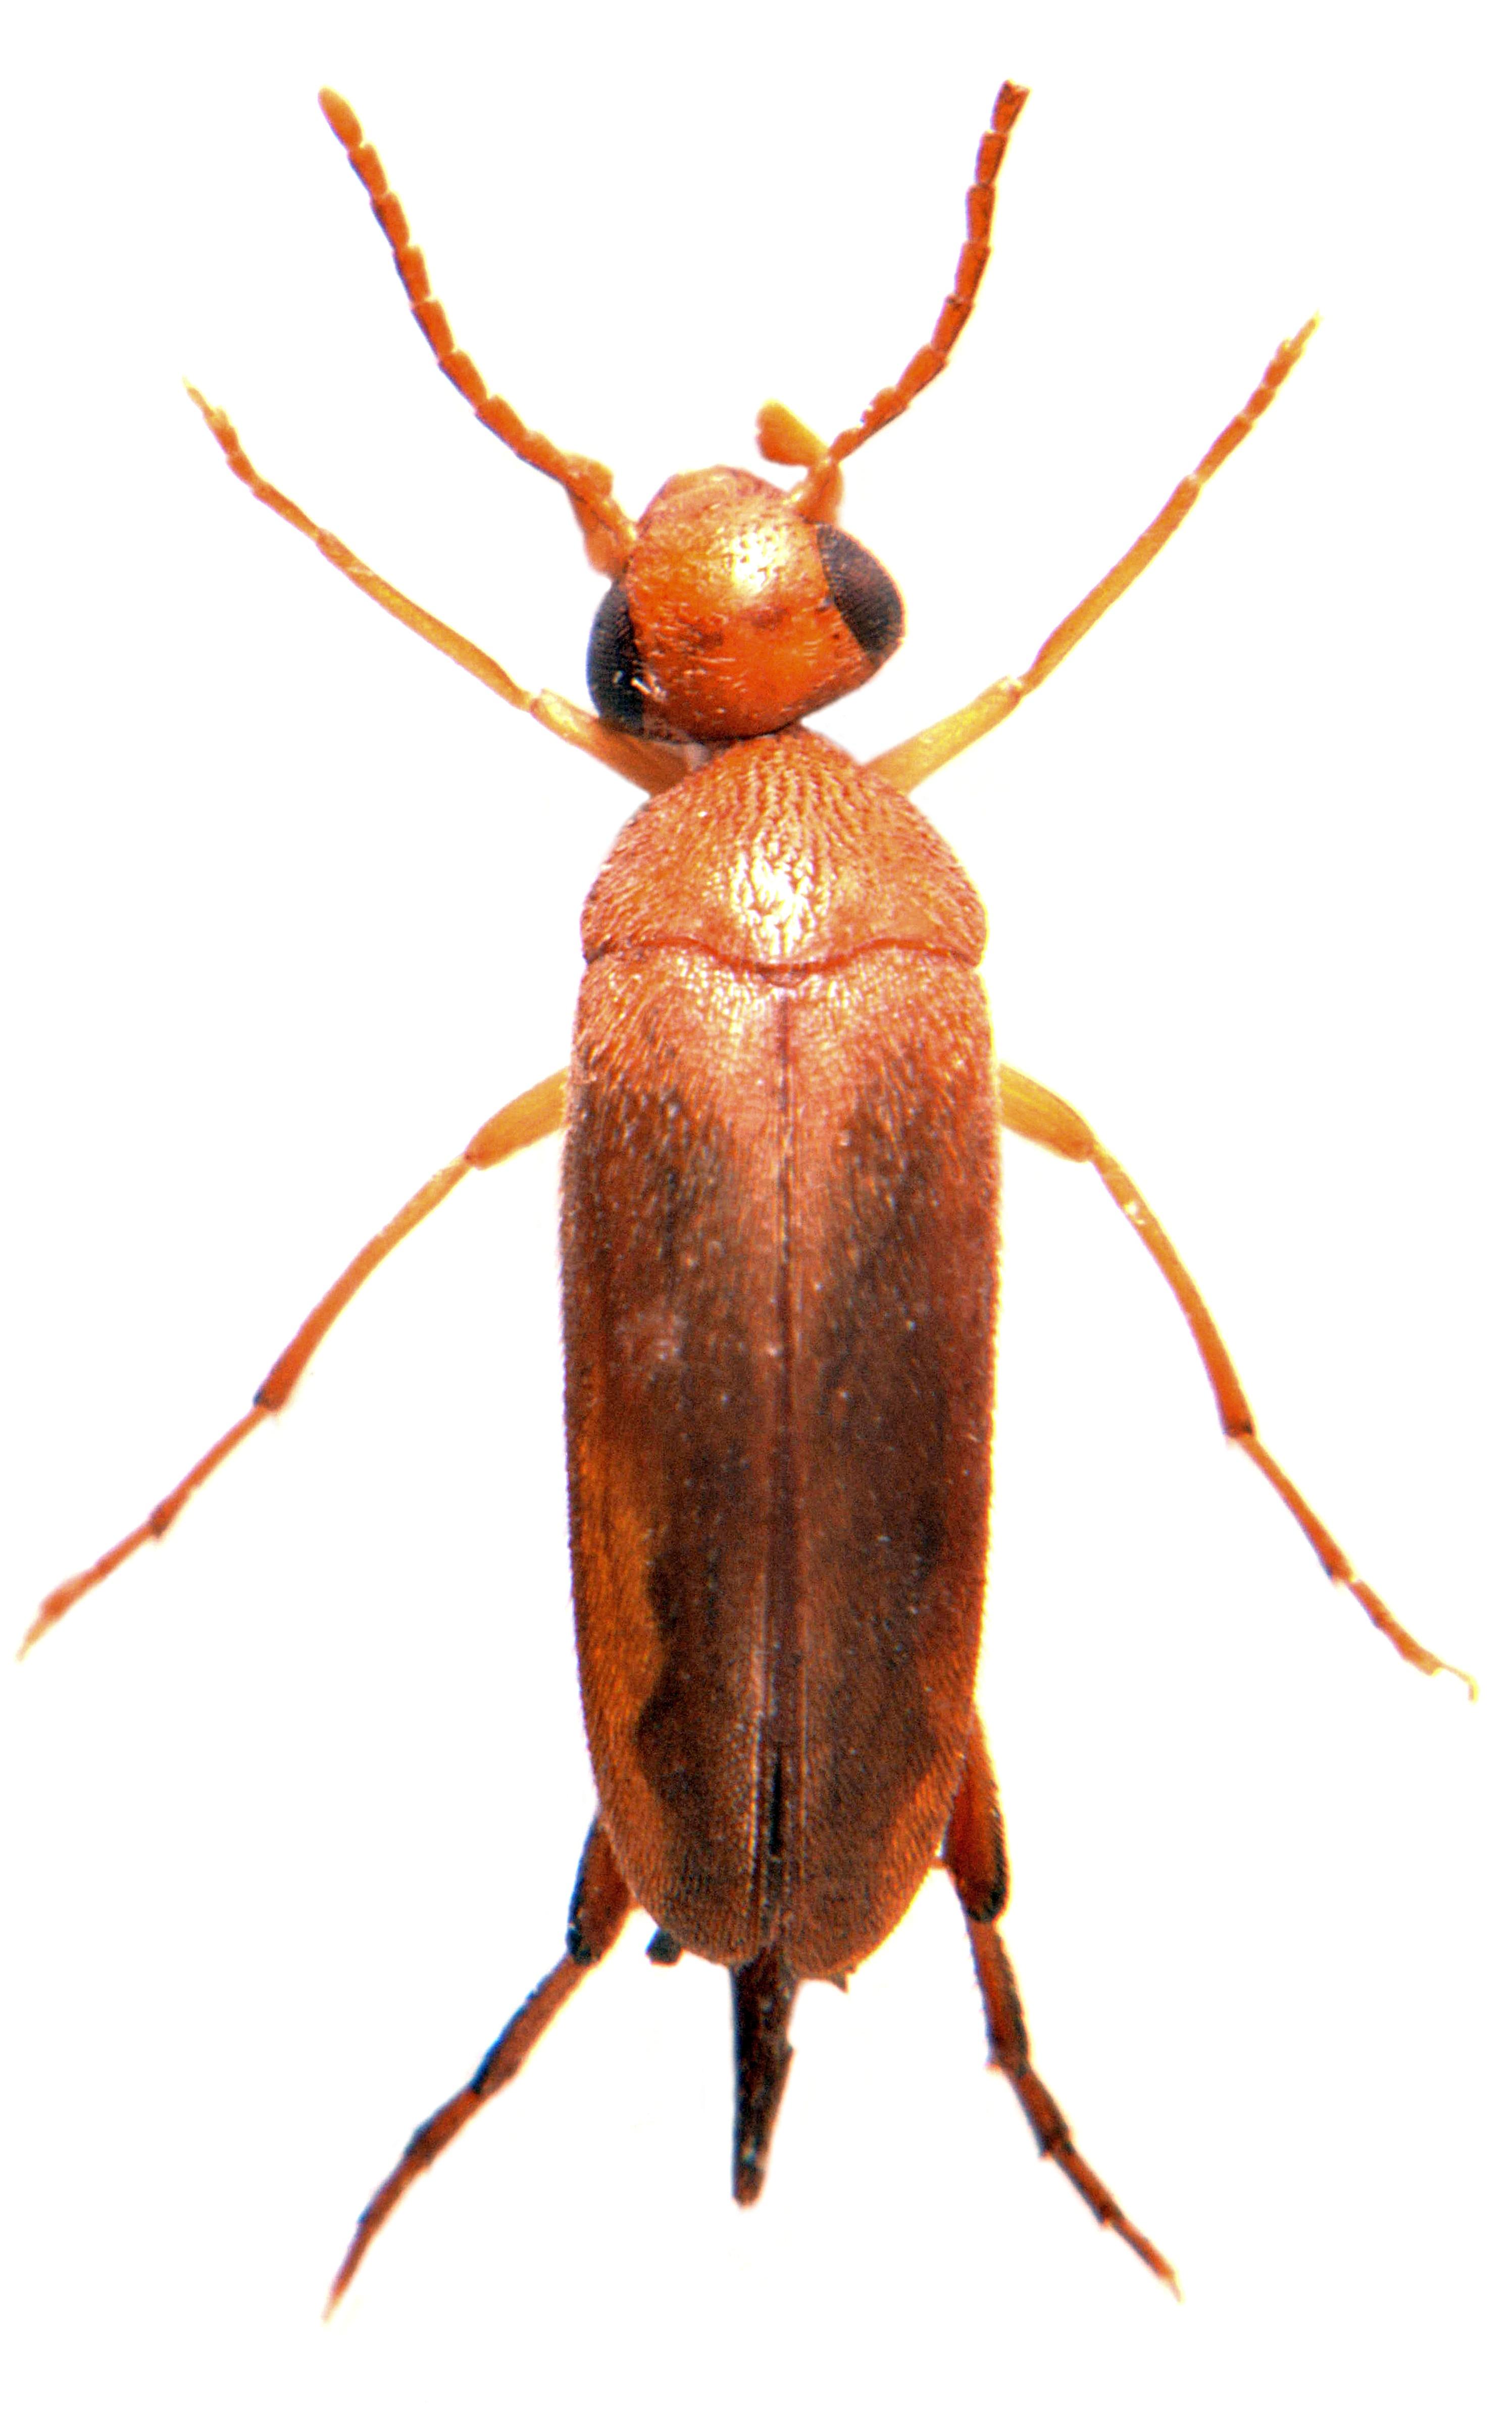 Mordellistena neuwaldegianna